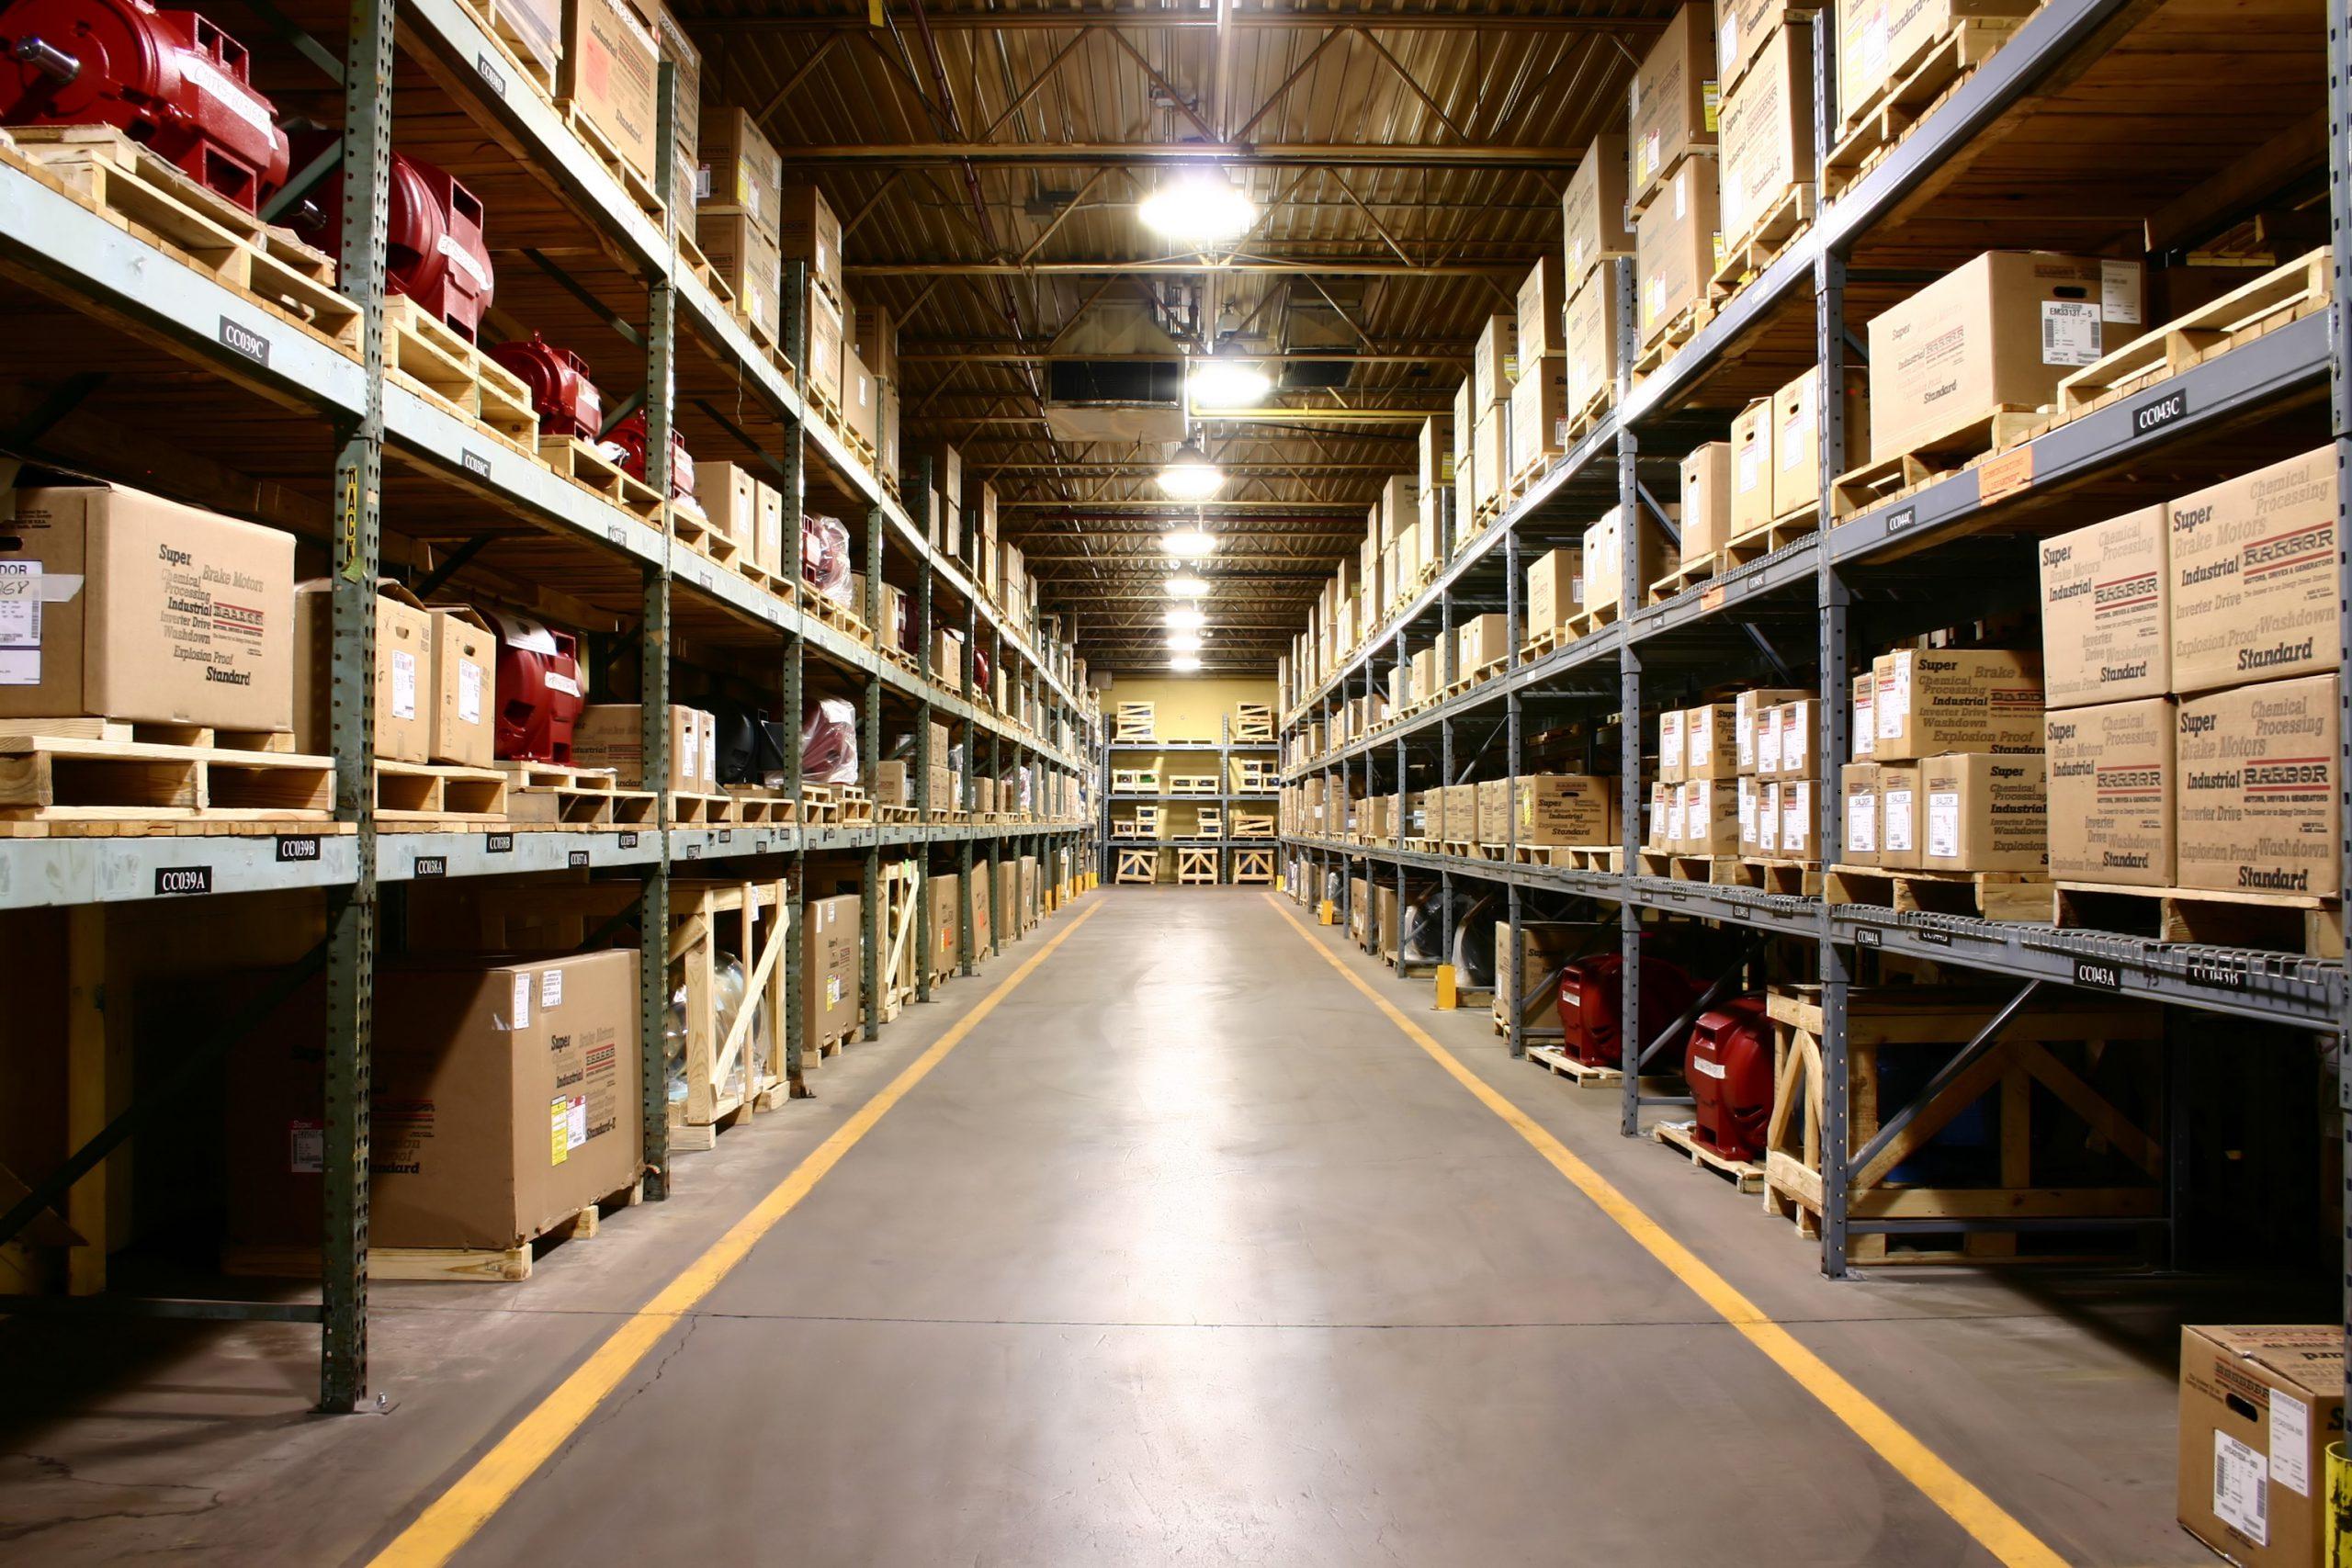 یکی از فاکتورهای مدیریت انبار، ذخیره سازی صحیح موجودی است.